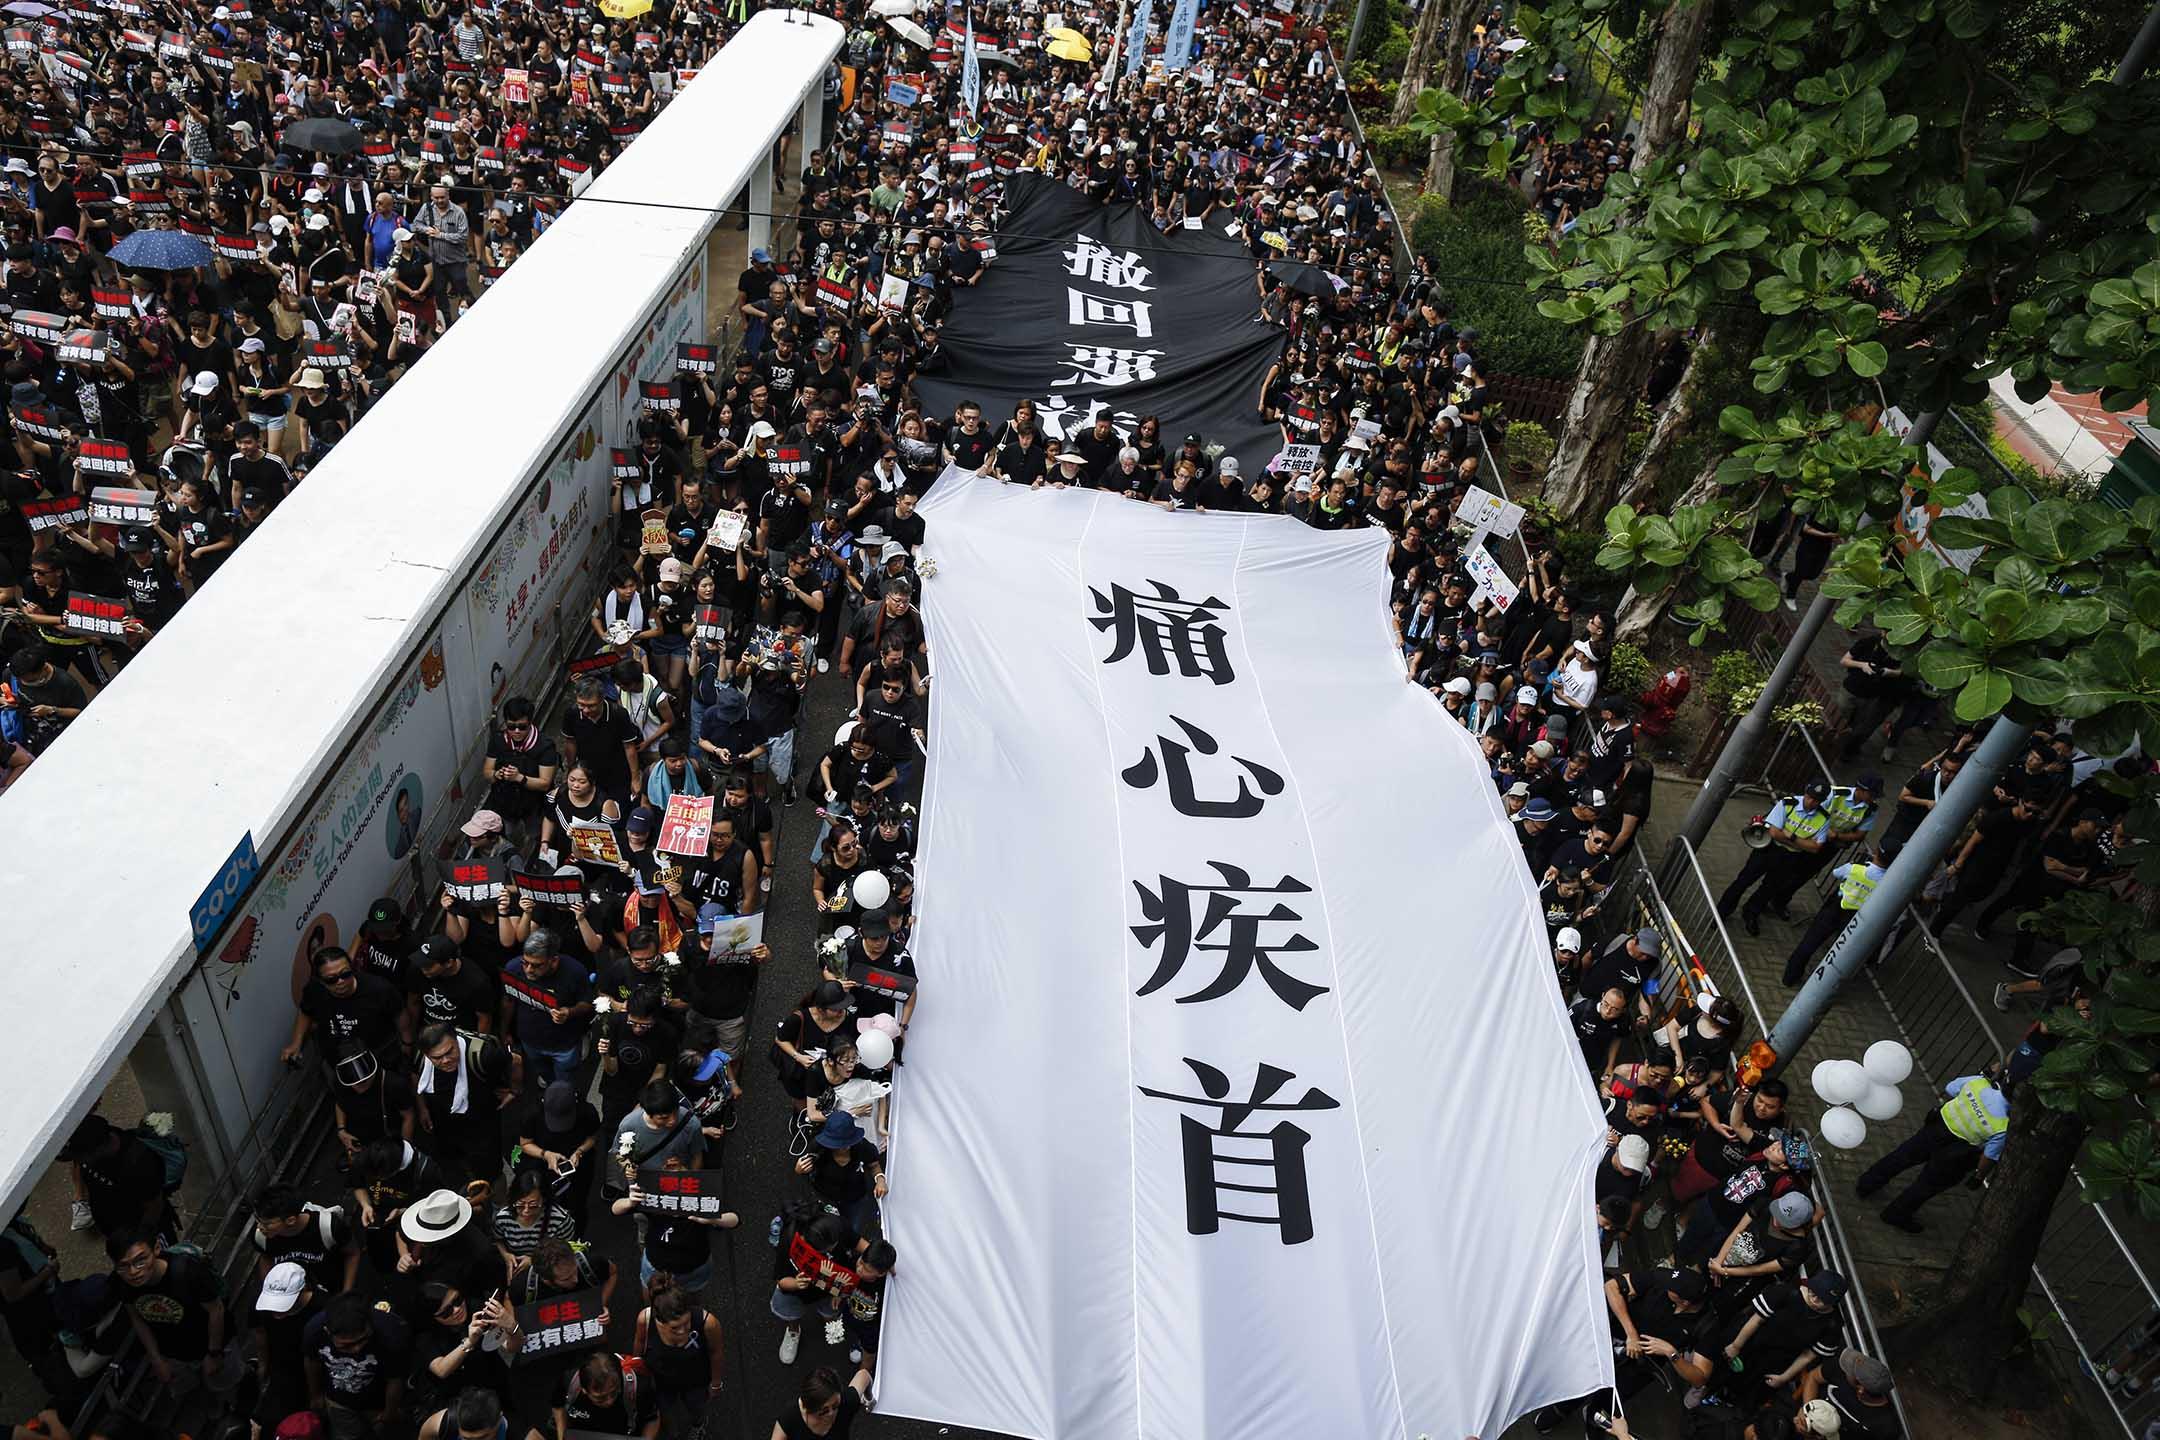 2019年6月16日,香港民陣發起第四次反對《逃犯條例》修訂大遊行 。